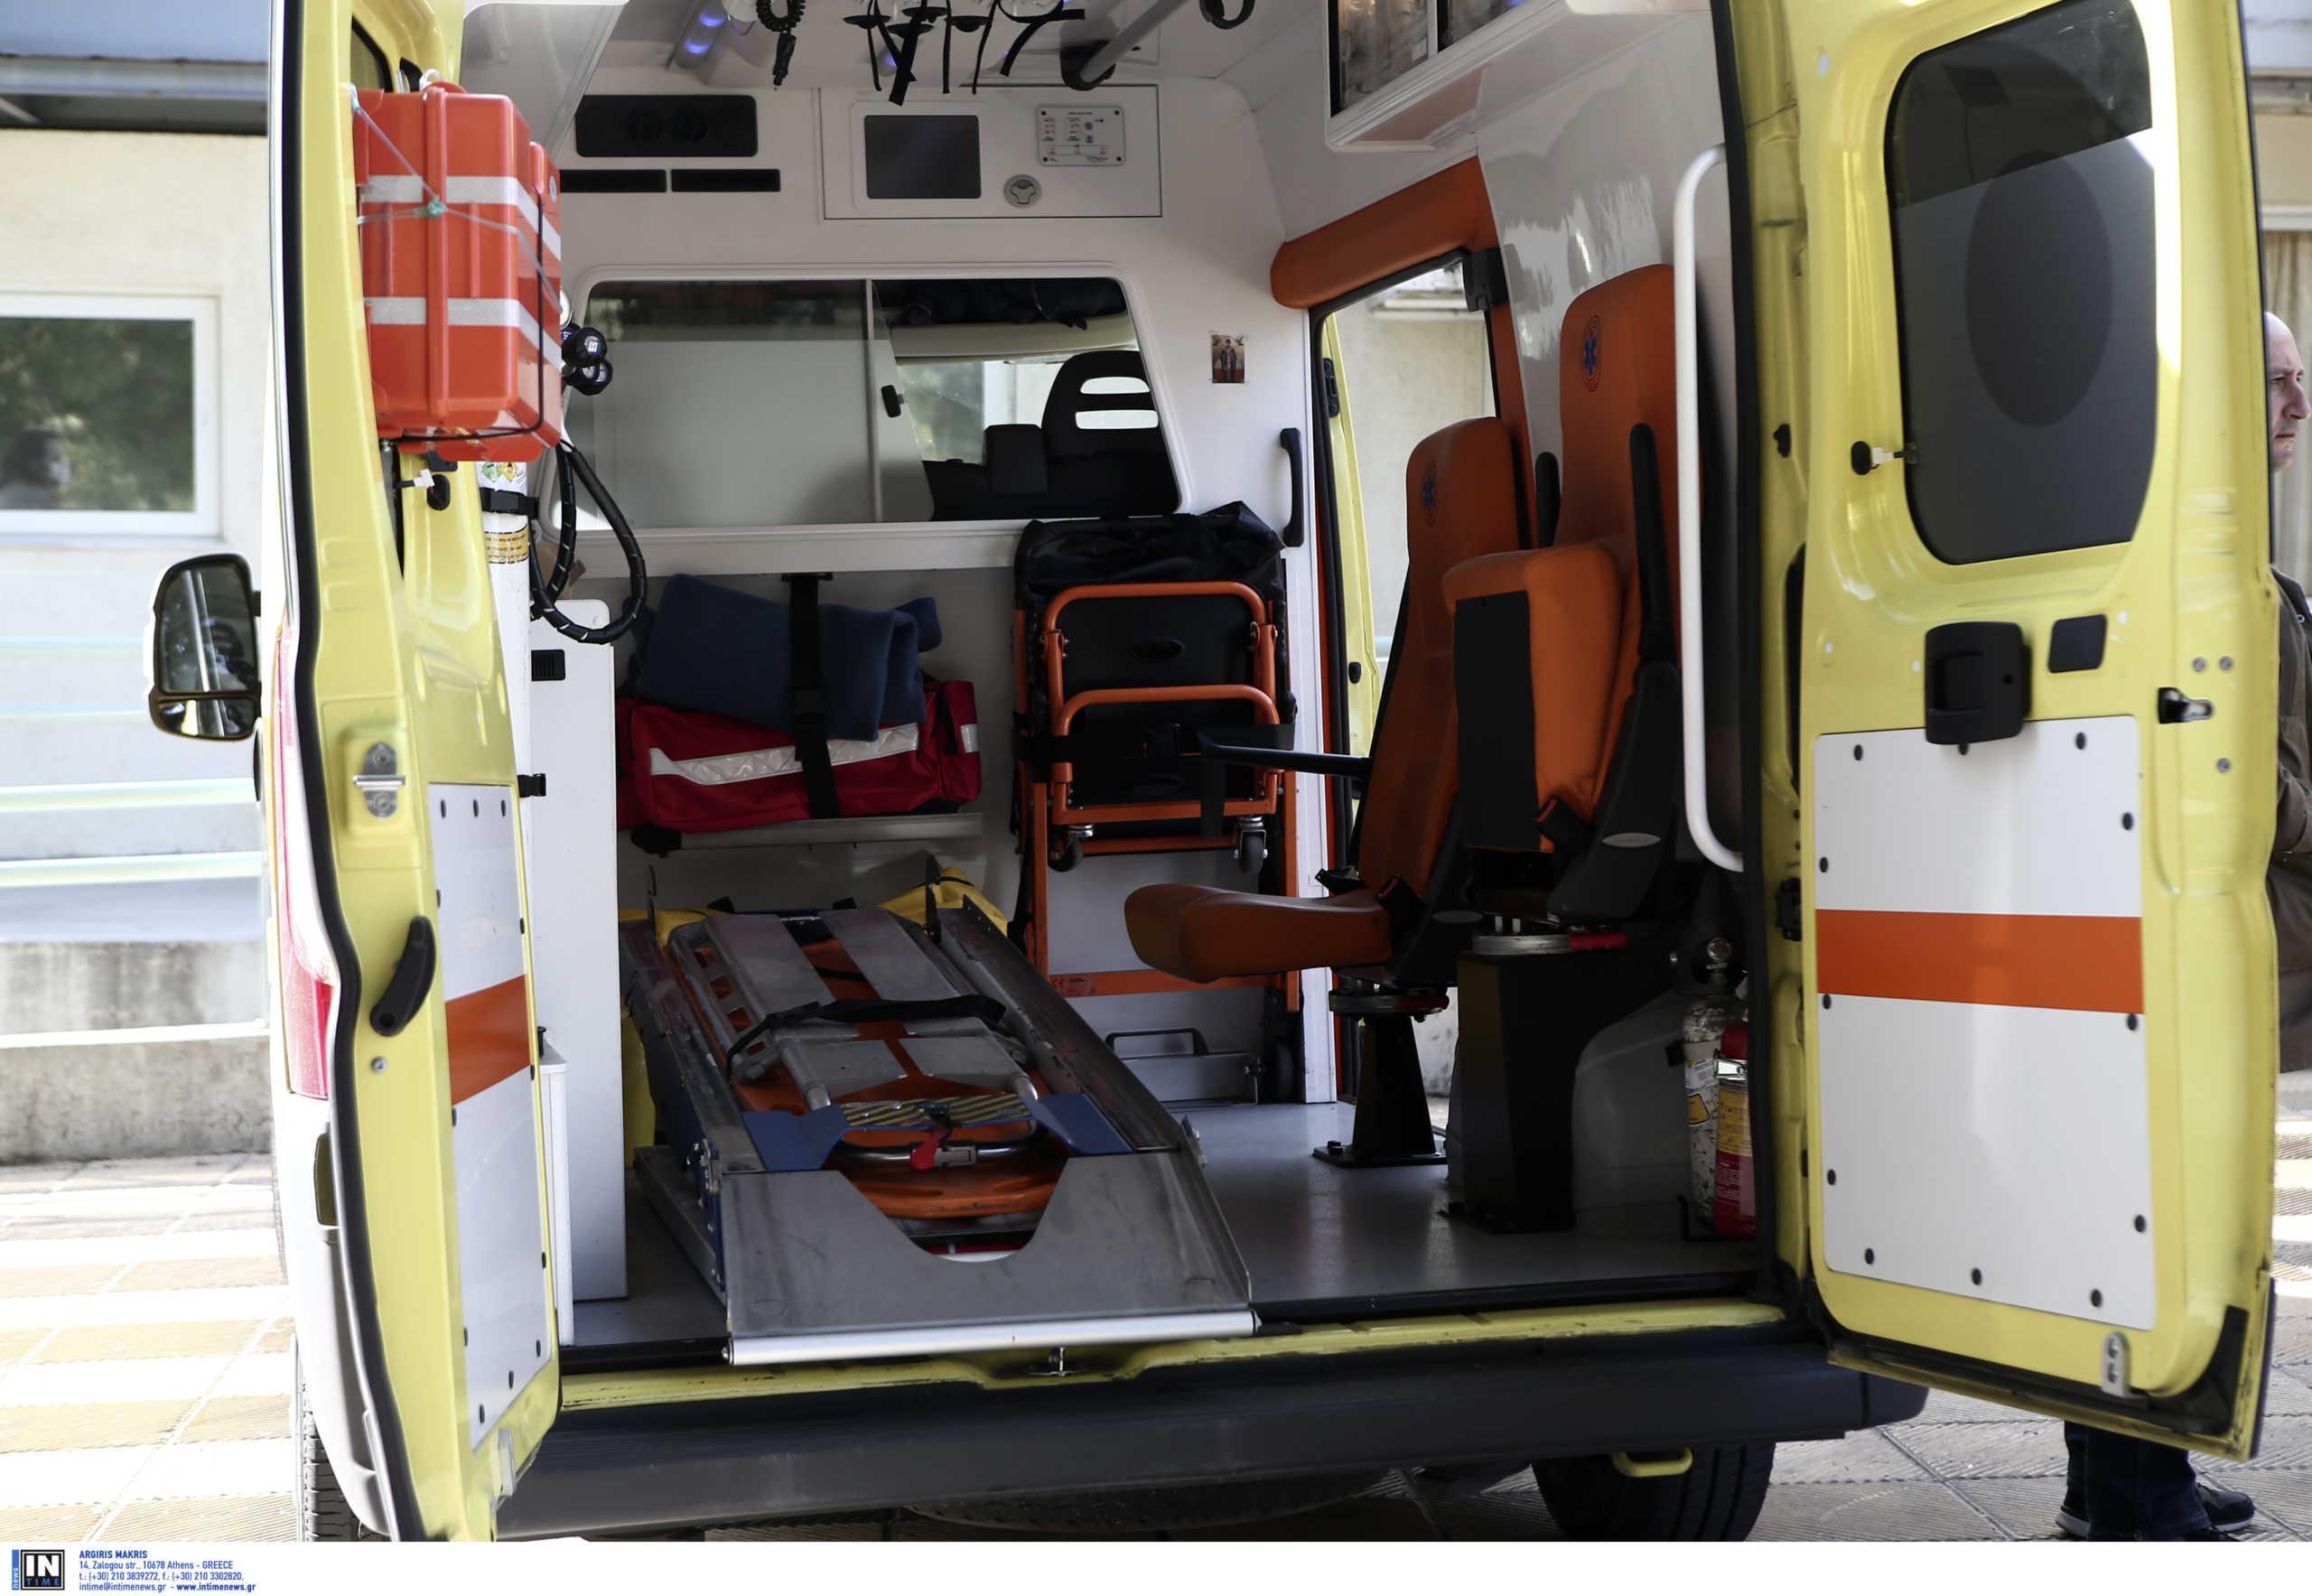 Τραγικό δυστύχημα στην Κακαβιά – Ασθενοφόρο τραυμάτισε θανάσιμα 10χρονο παιδί